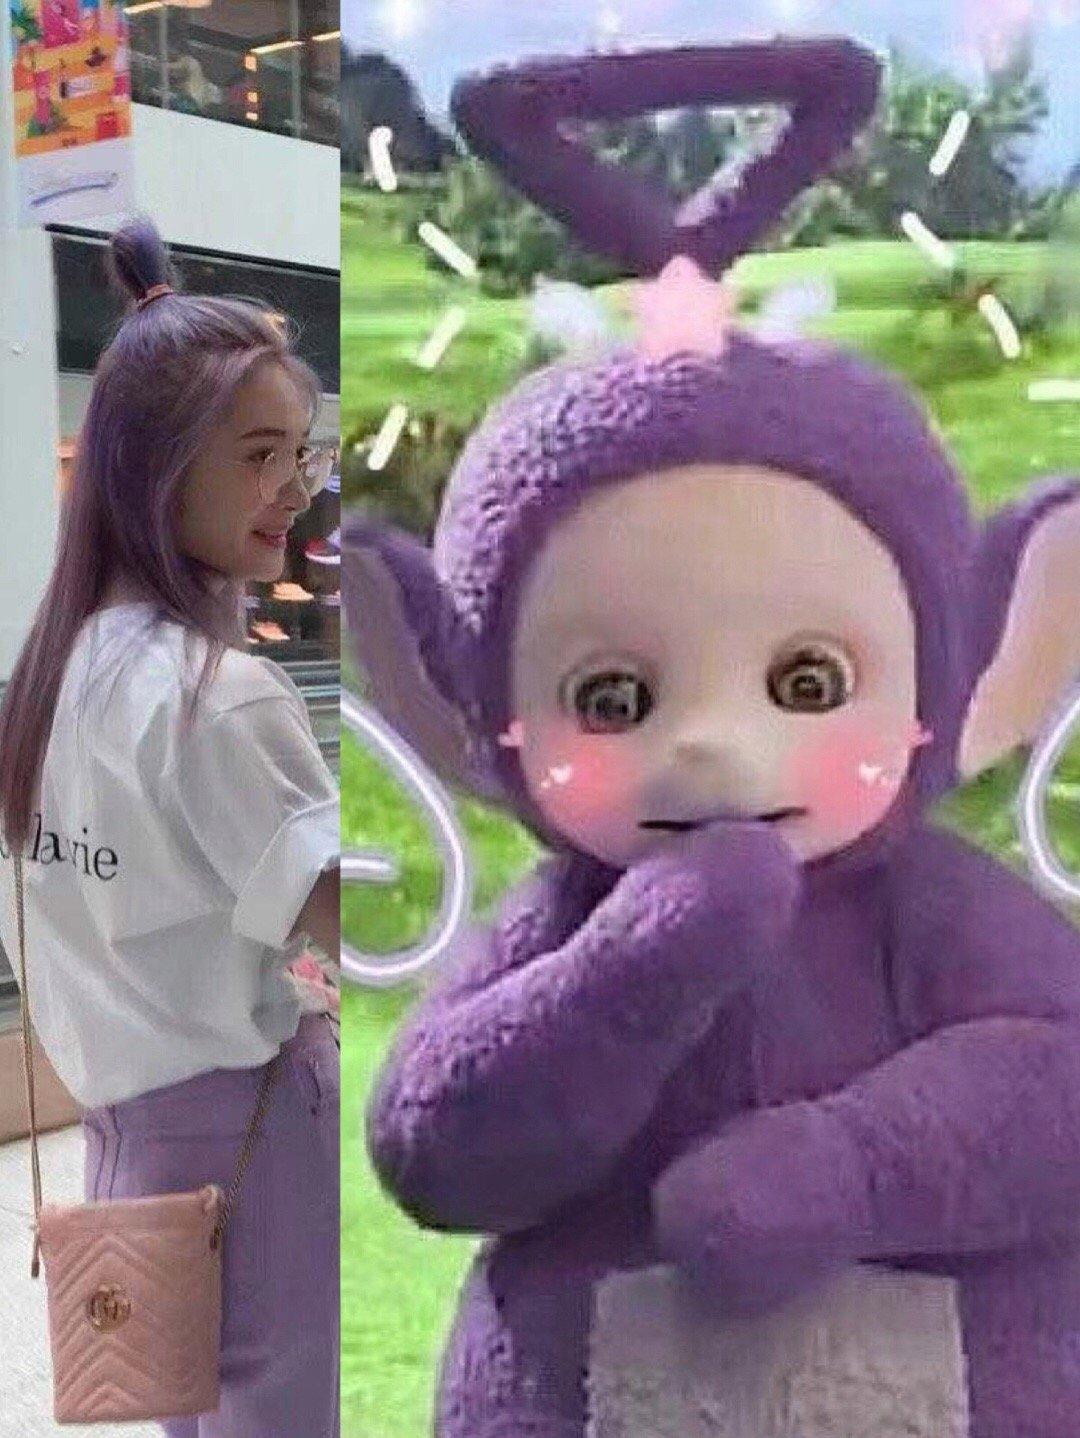 周洁琼紫色头发 粉丝:天线宝宝?图片